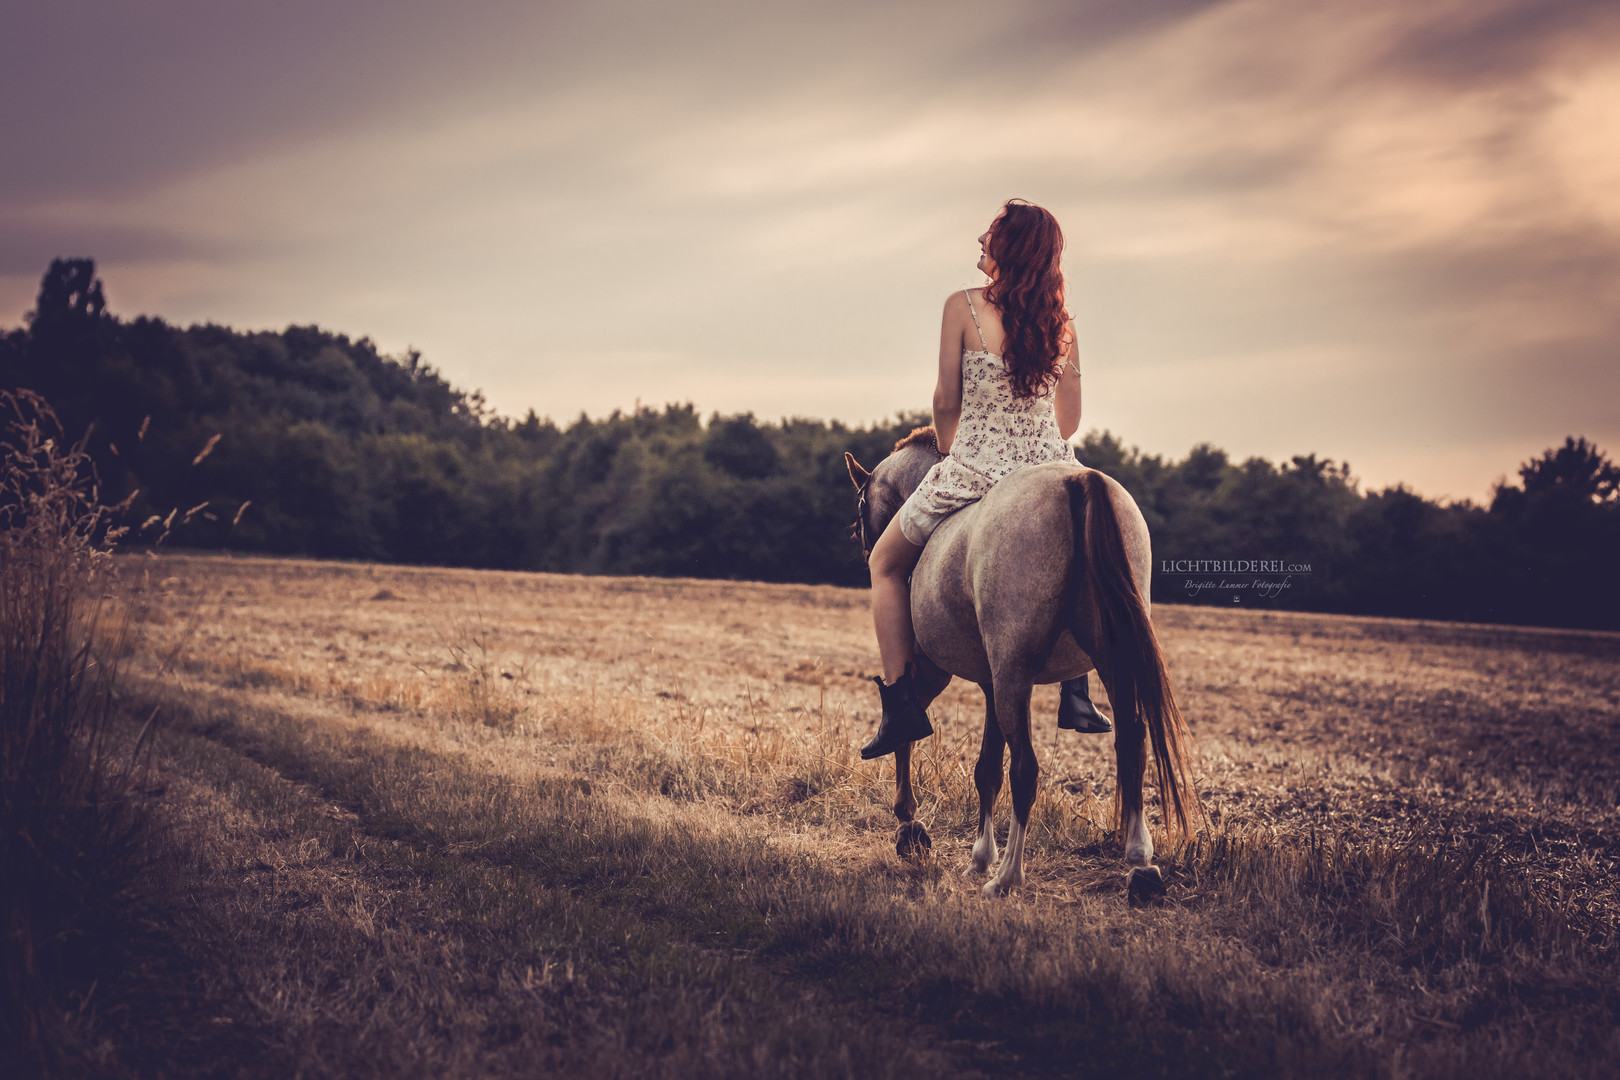 Lichtbilderei Partner Pferd